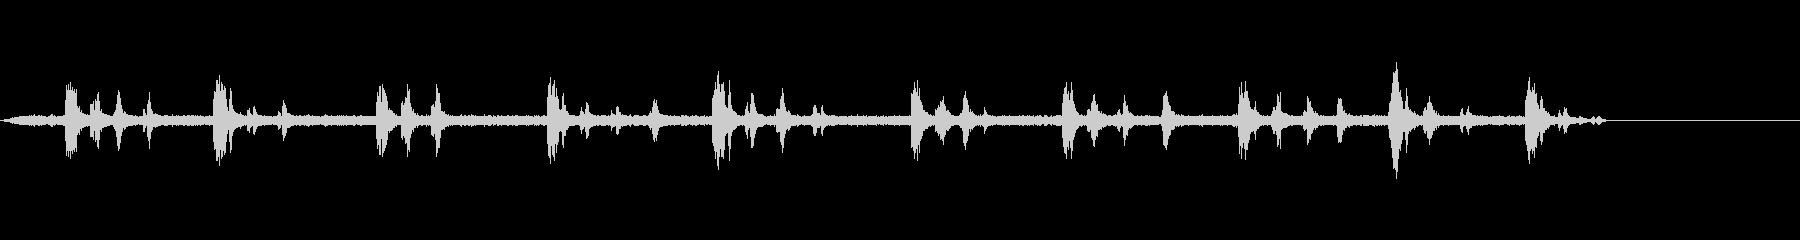 オオハシ-鳥の未再生の波形